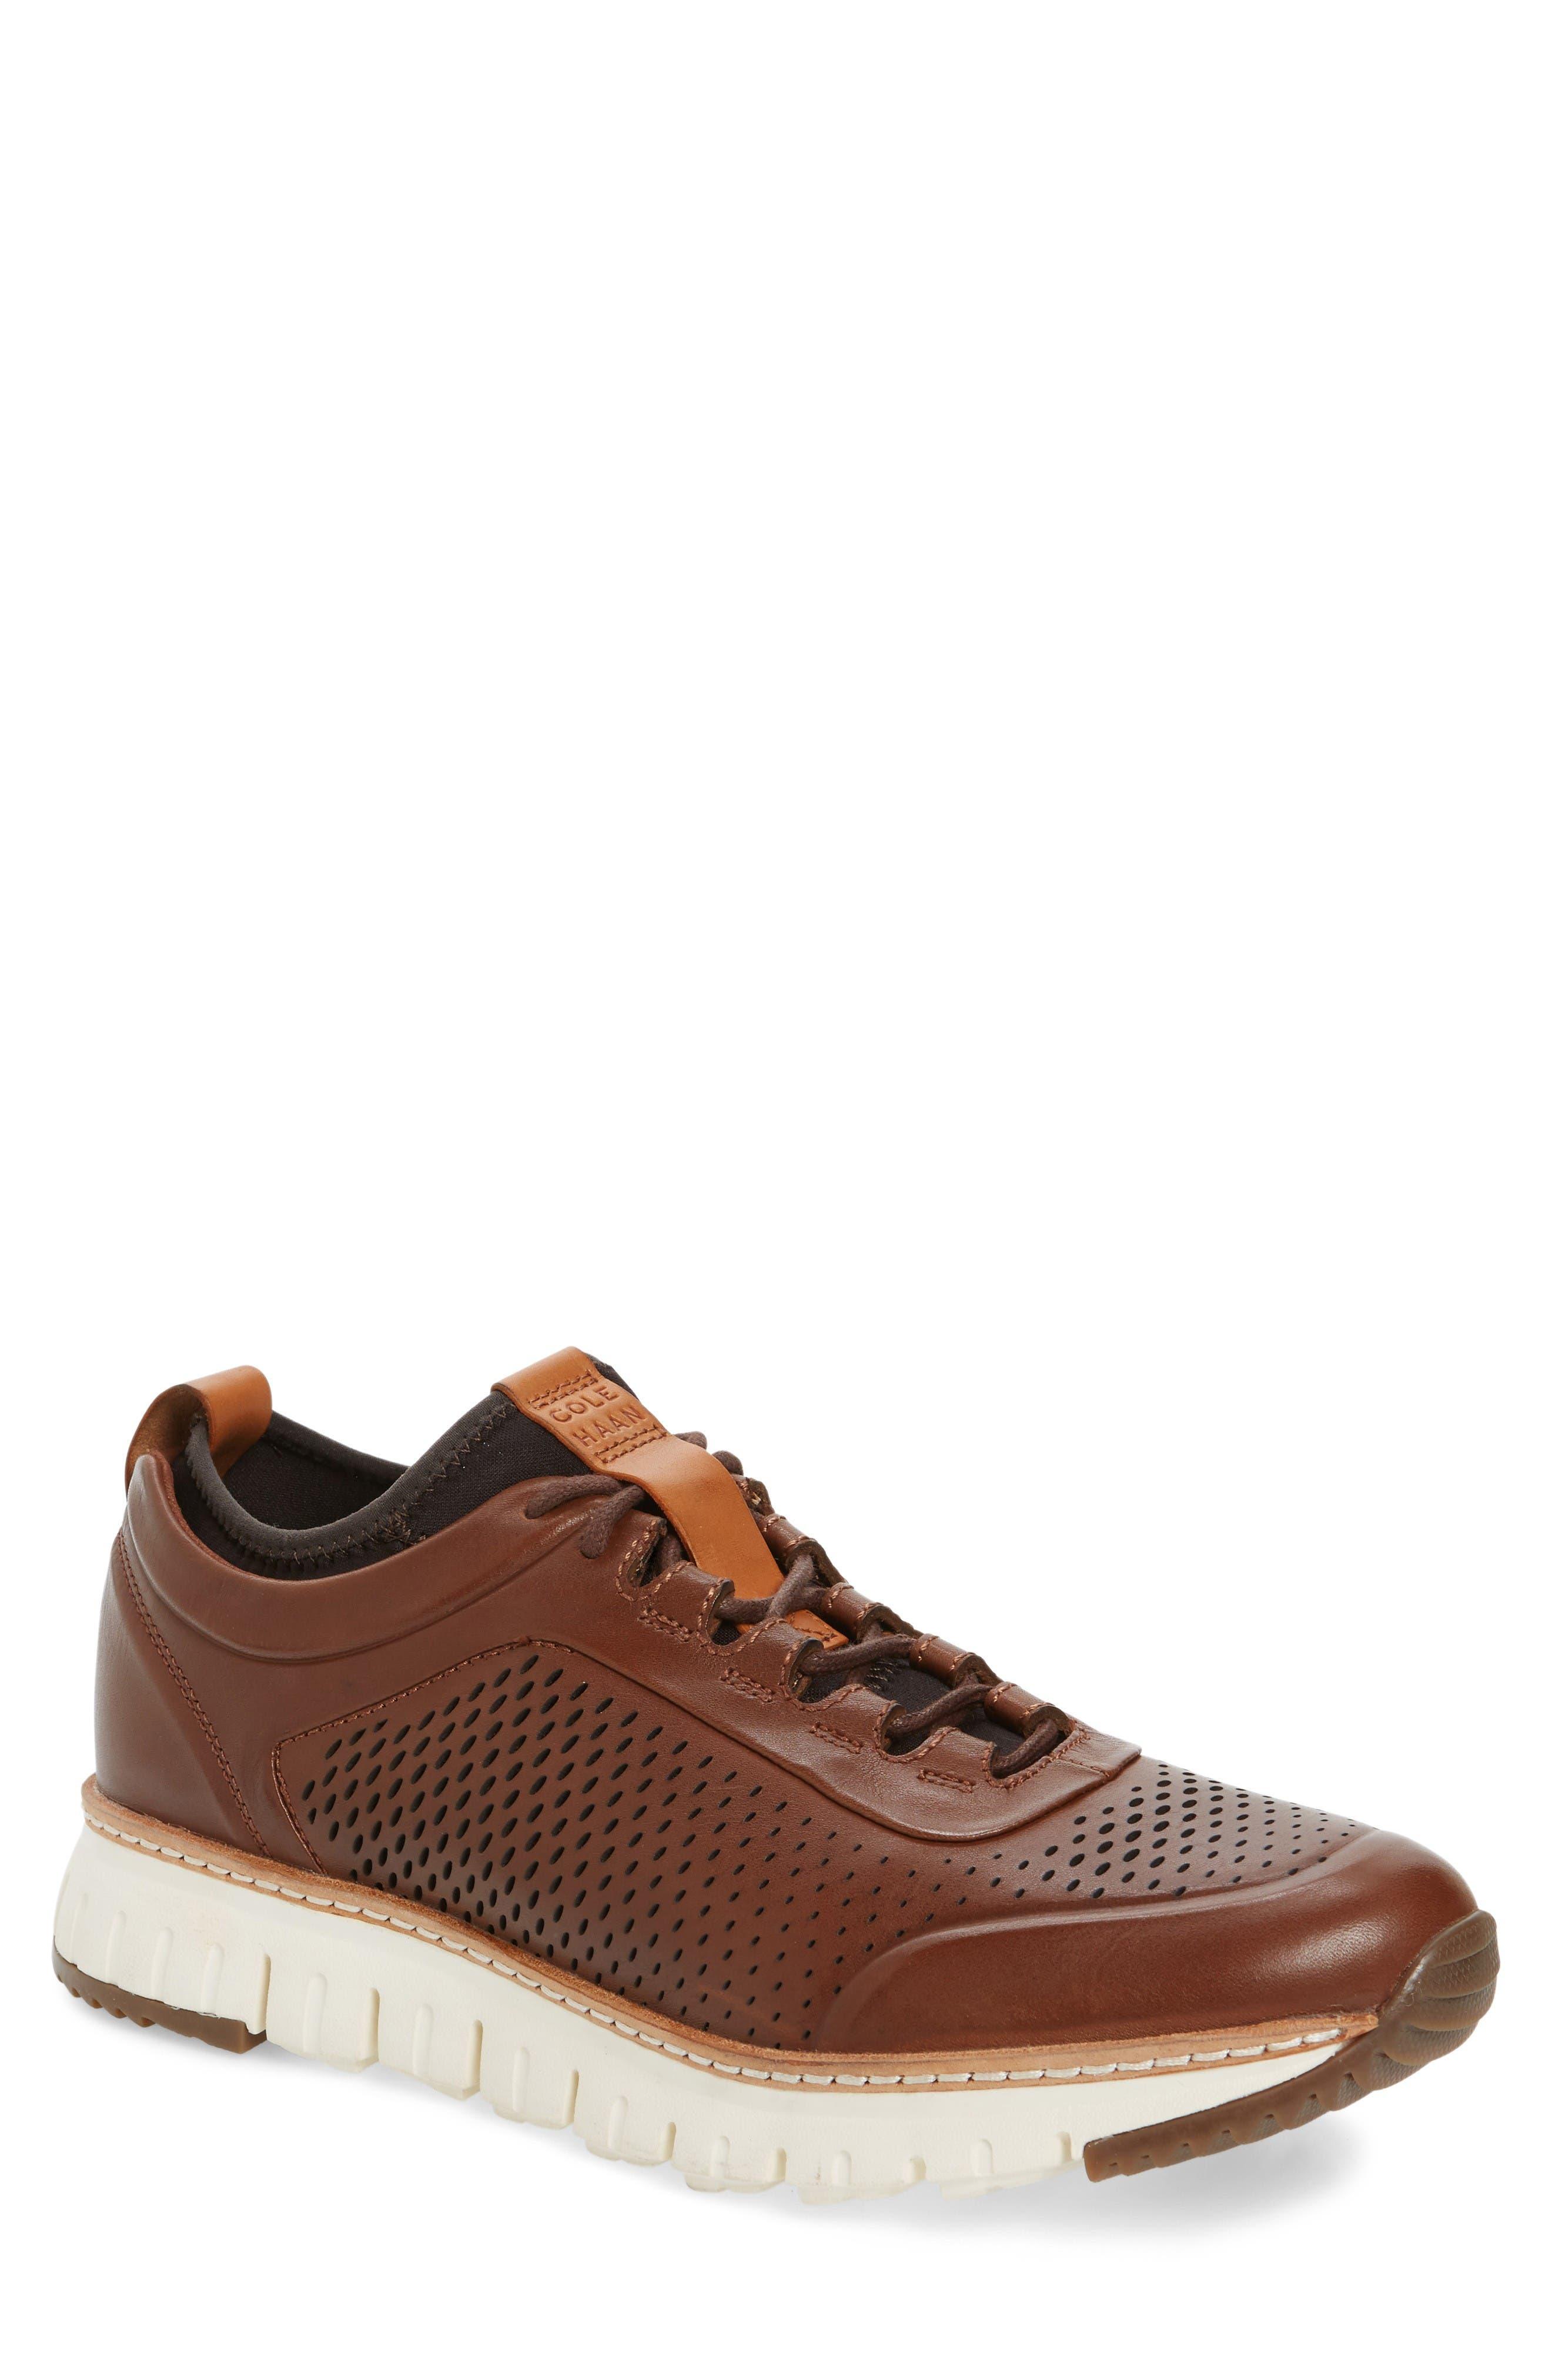 COLE HAAN ZeroGrand Sneaker